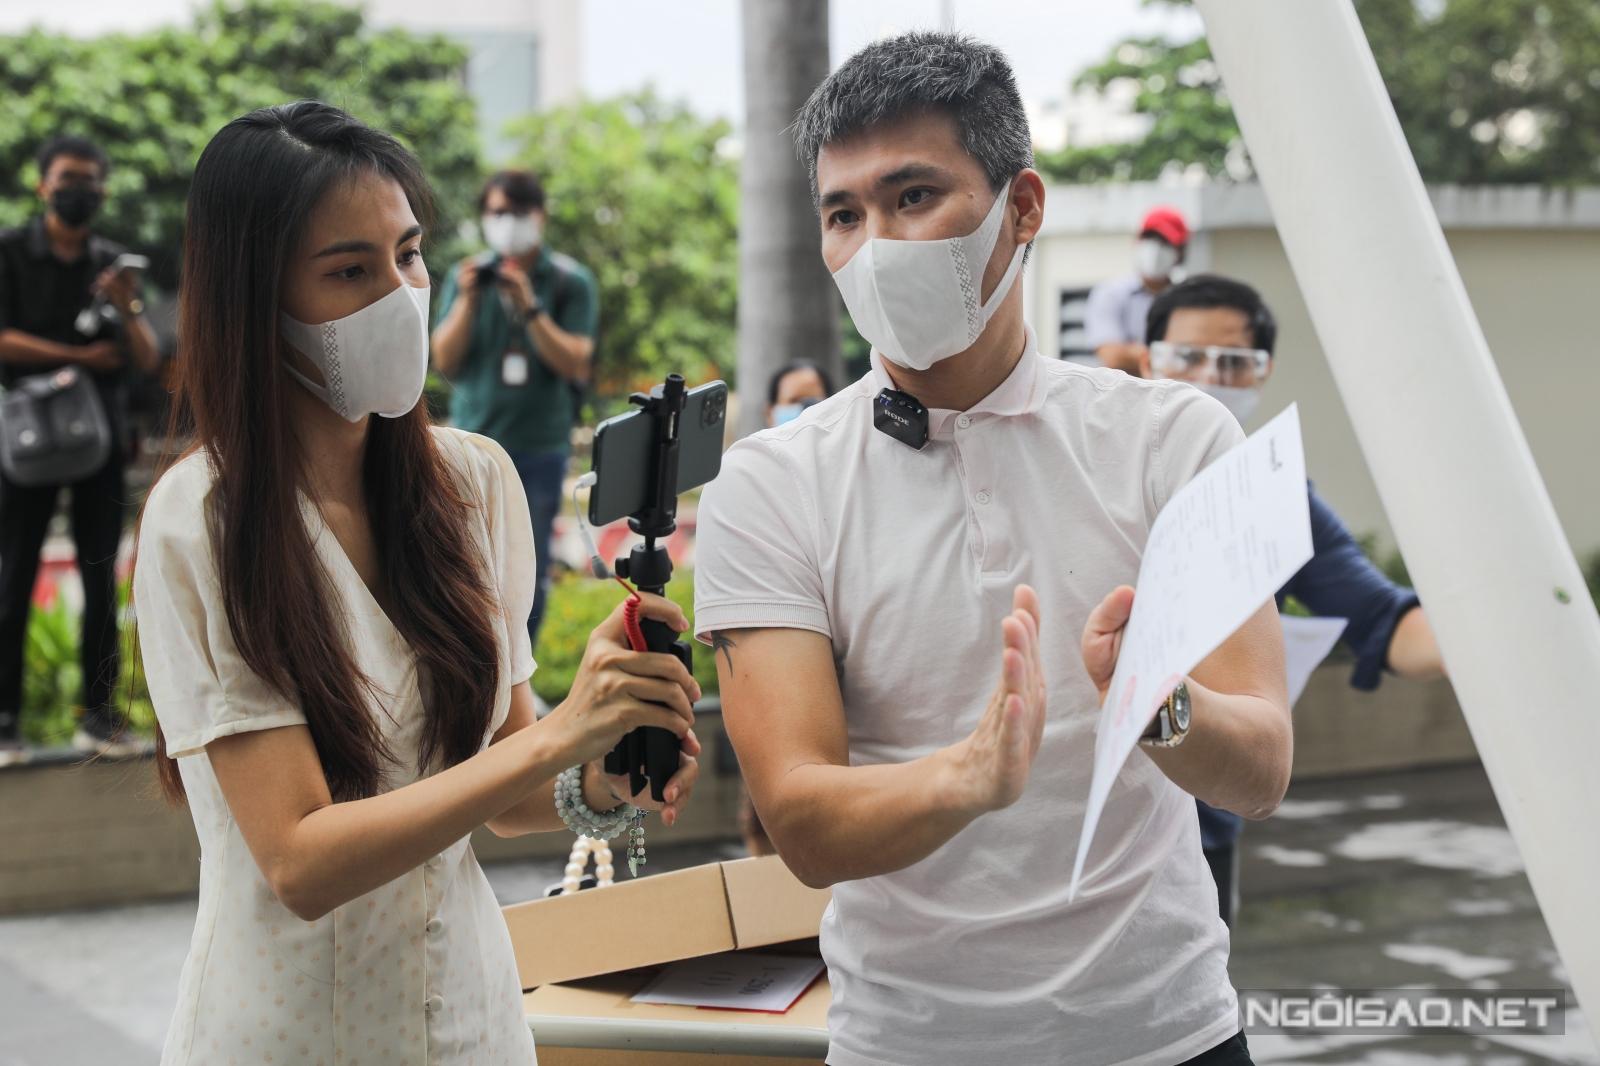 Có mặt cùng vợ, cựu cầu thủ Lê Công Vinh nói rõ ràng từng hạng mục, mốc thời gian cụ thể về việc nhận cũng như giải ngân tiền từ thiện.